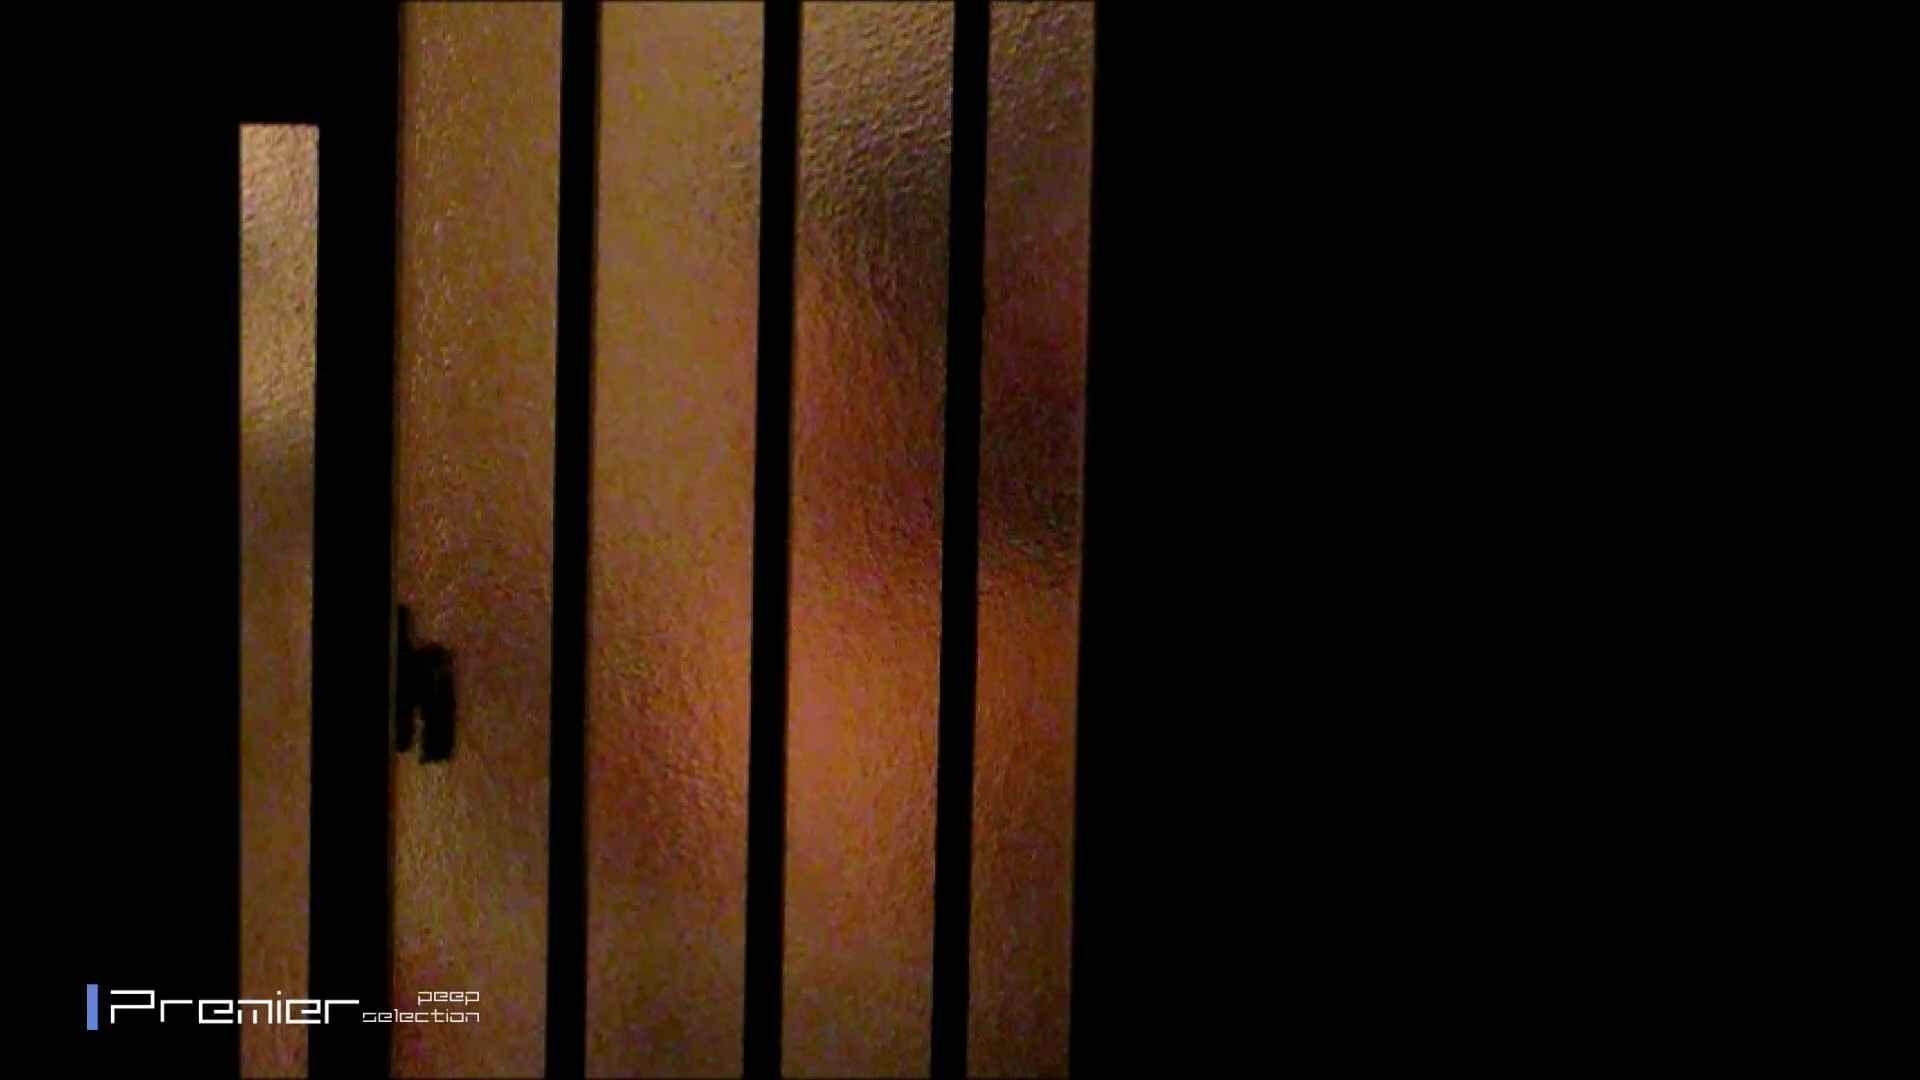 スレンダー美女の桃色乳首 乙女の風呂場 Vol.09 乳首 われめAV動画紹介 77PIX 55